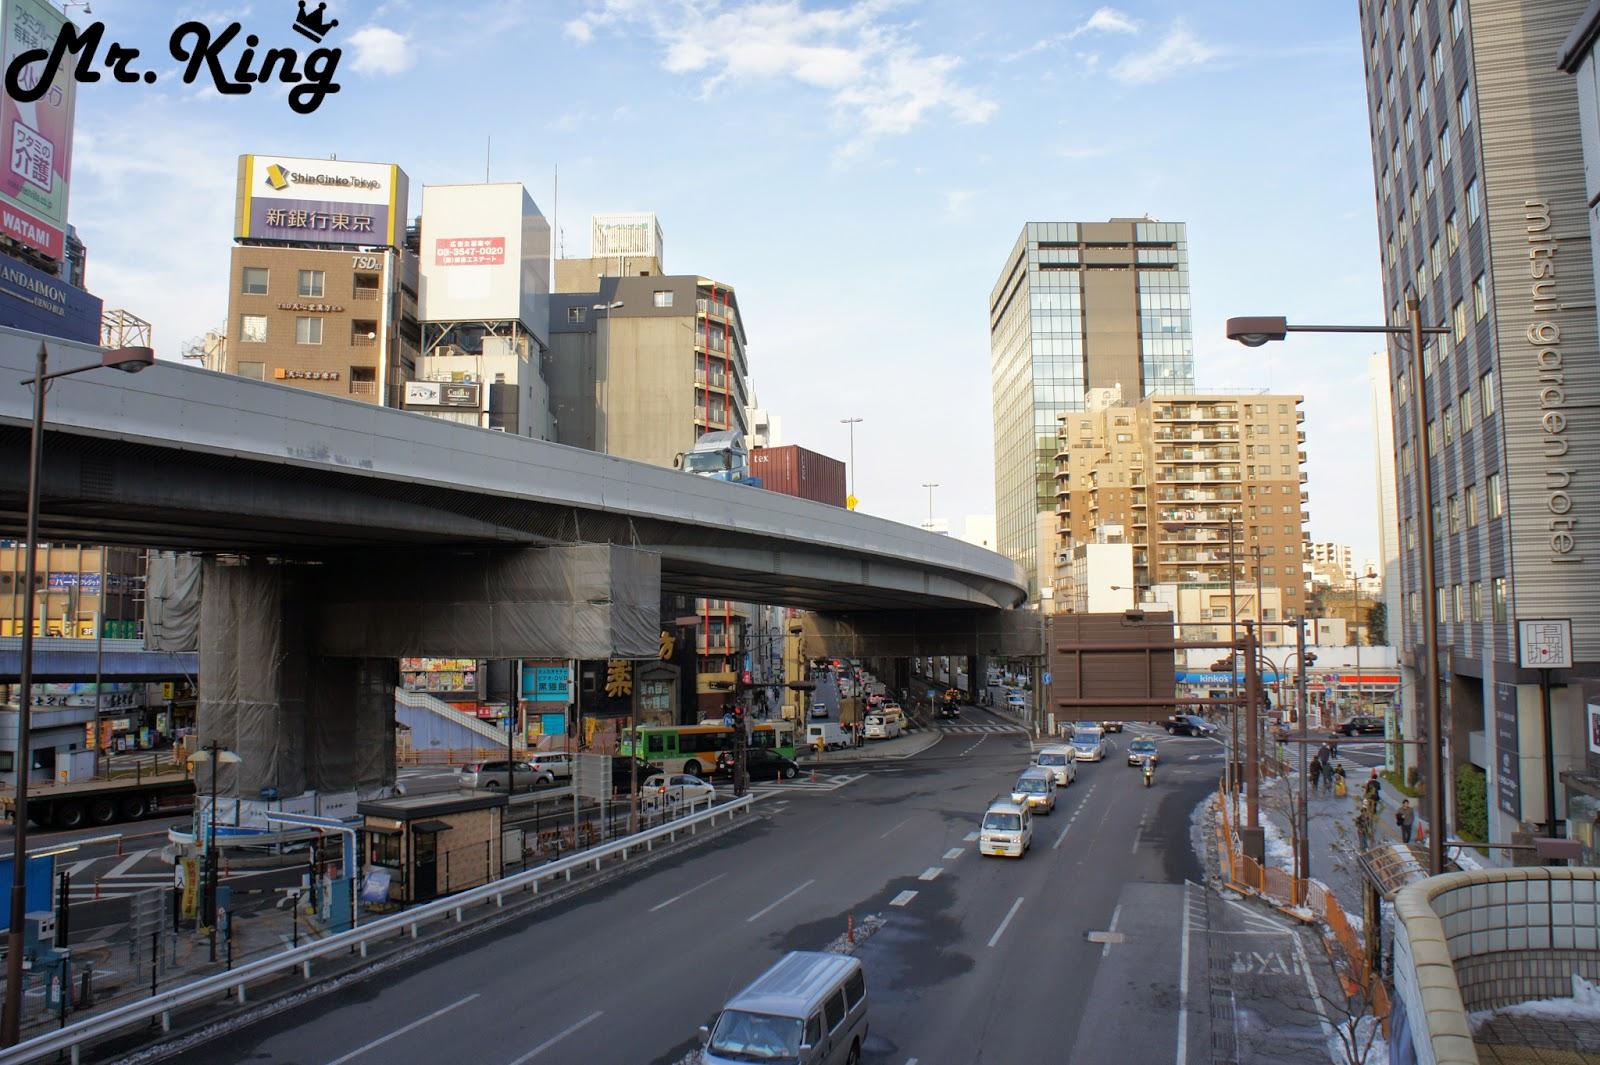 【2013冬】東京考察第2回:風華不再的上野機車街